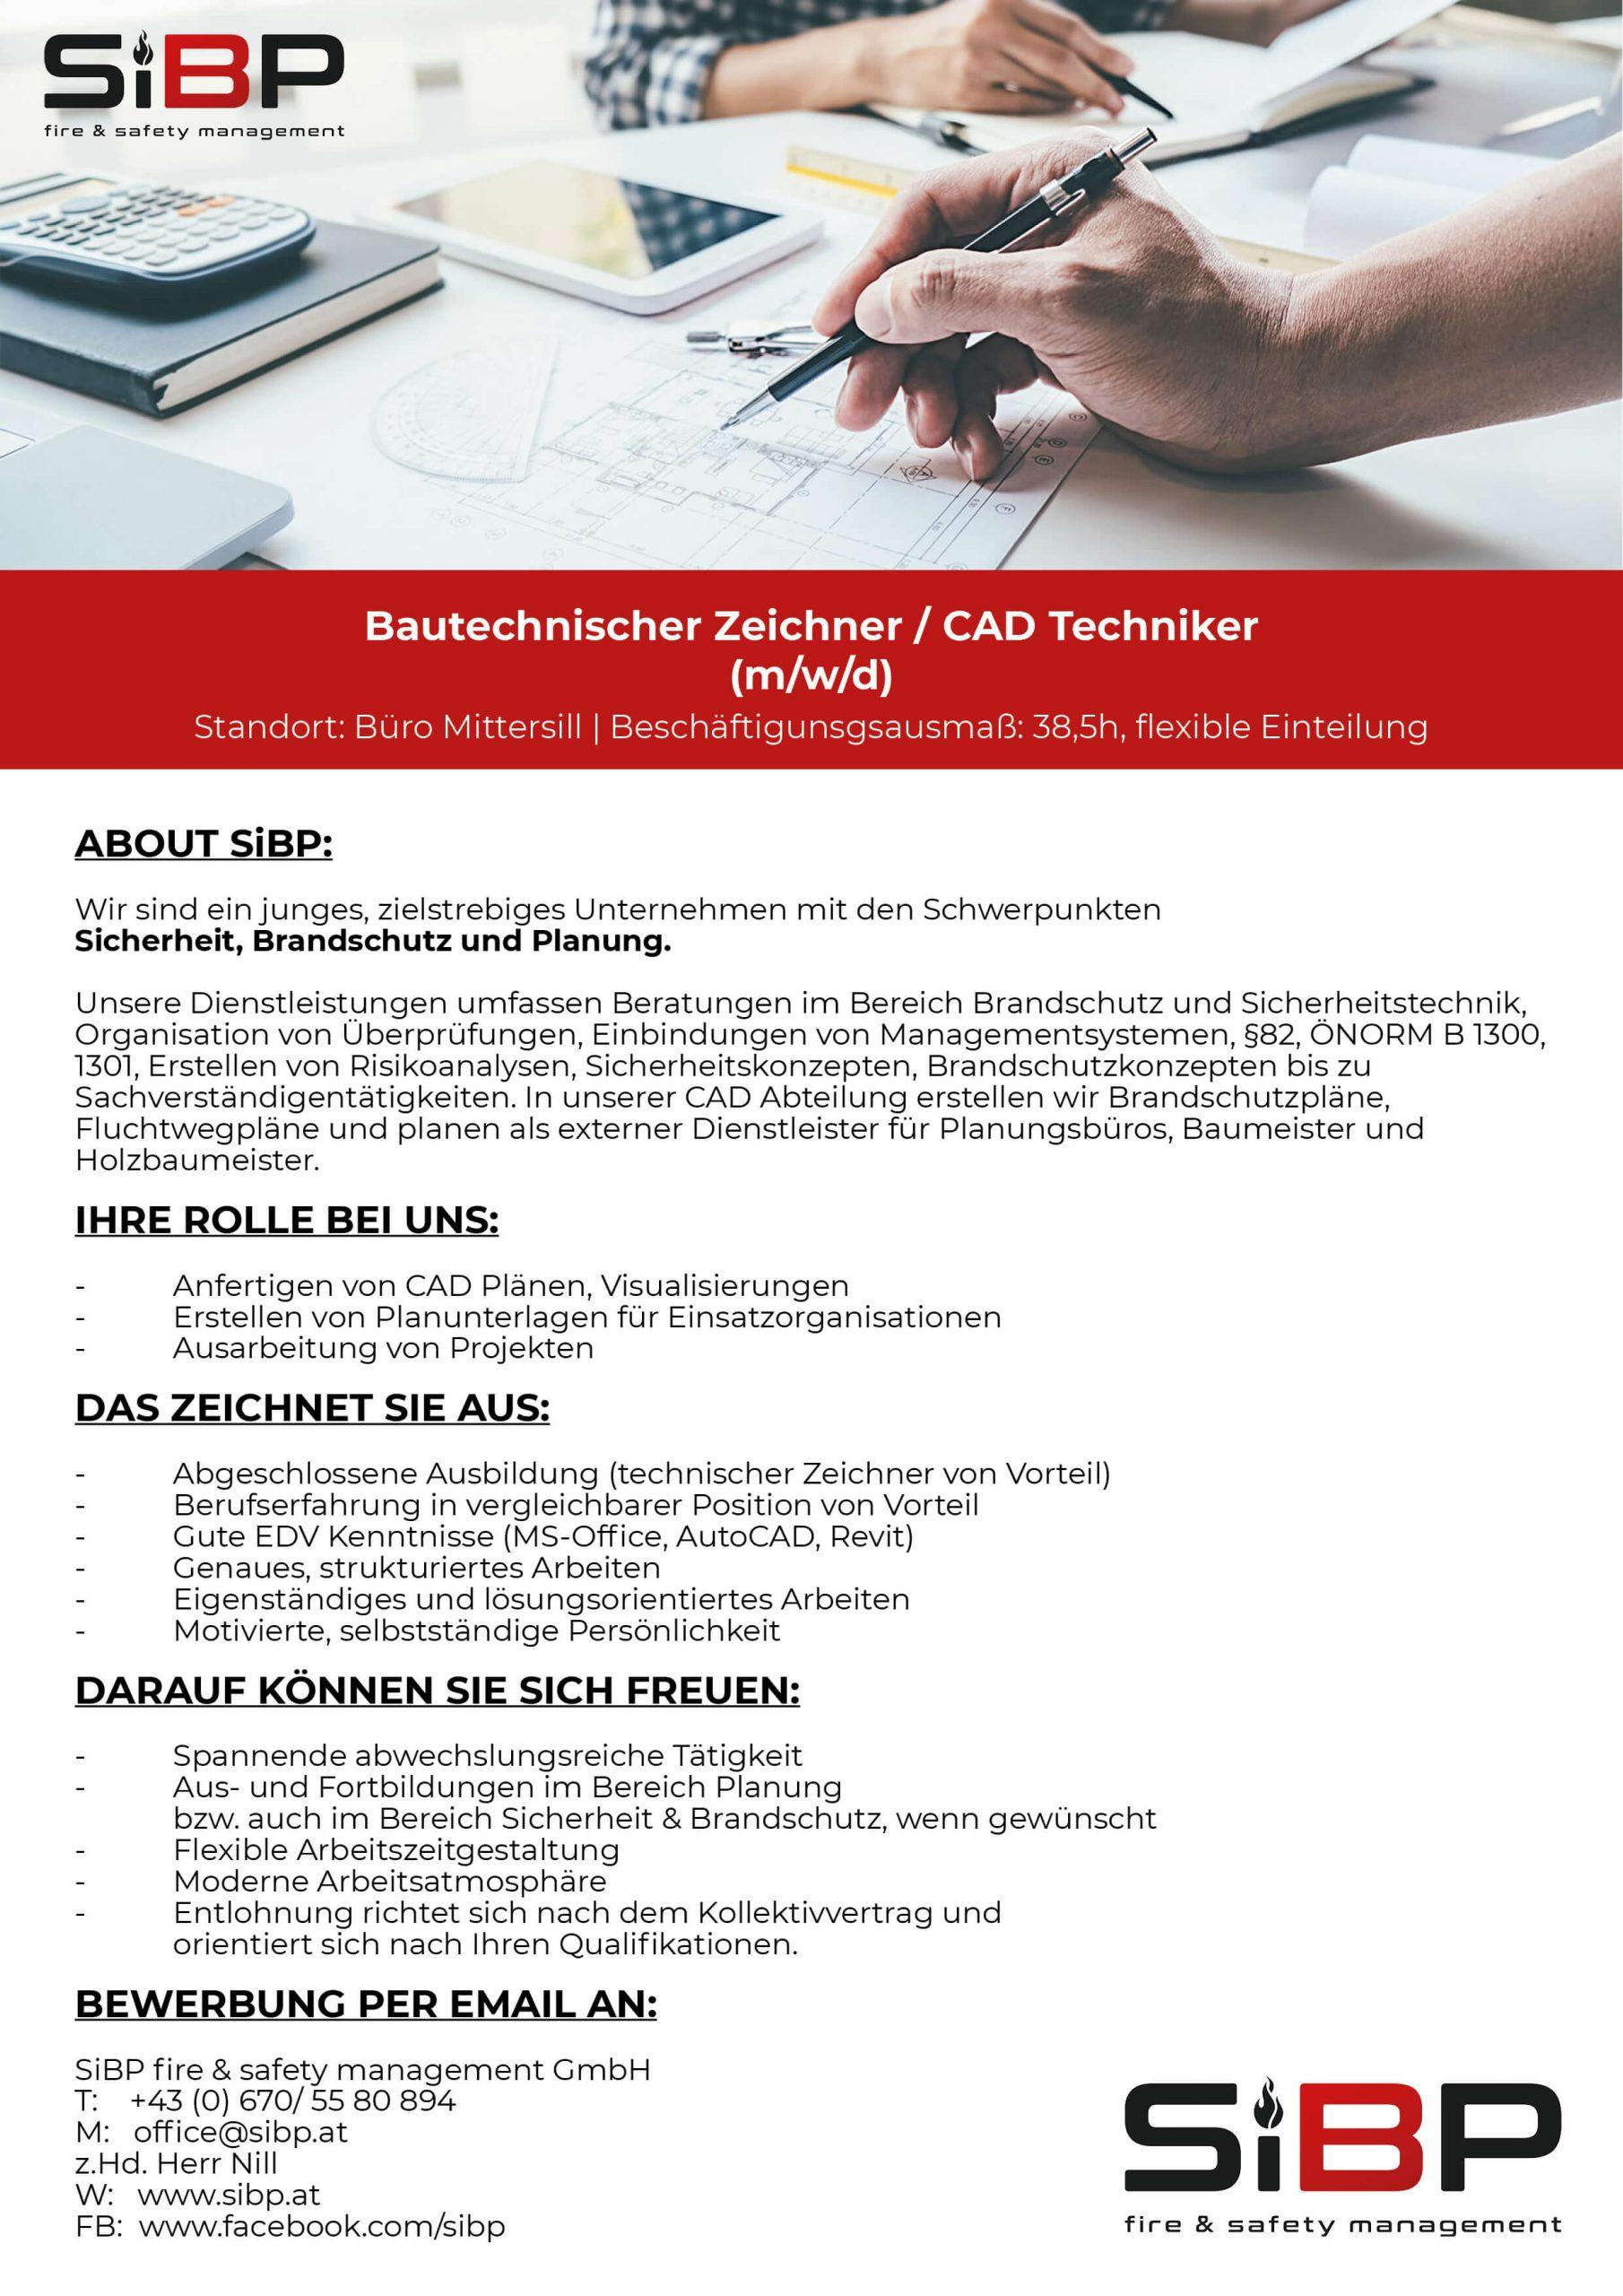 Bautechnischer Zeichner / CAD Techniker  (m/w/d)